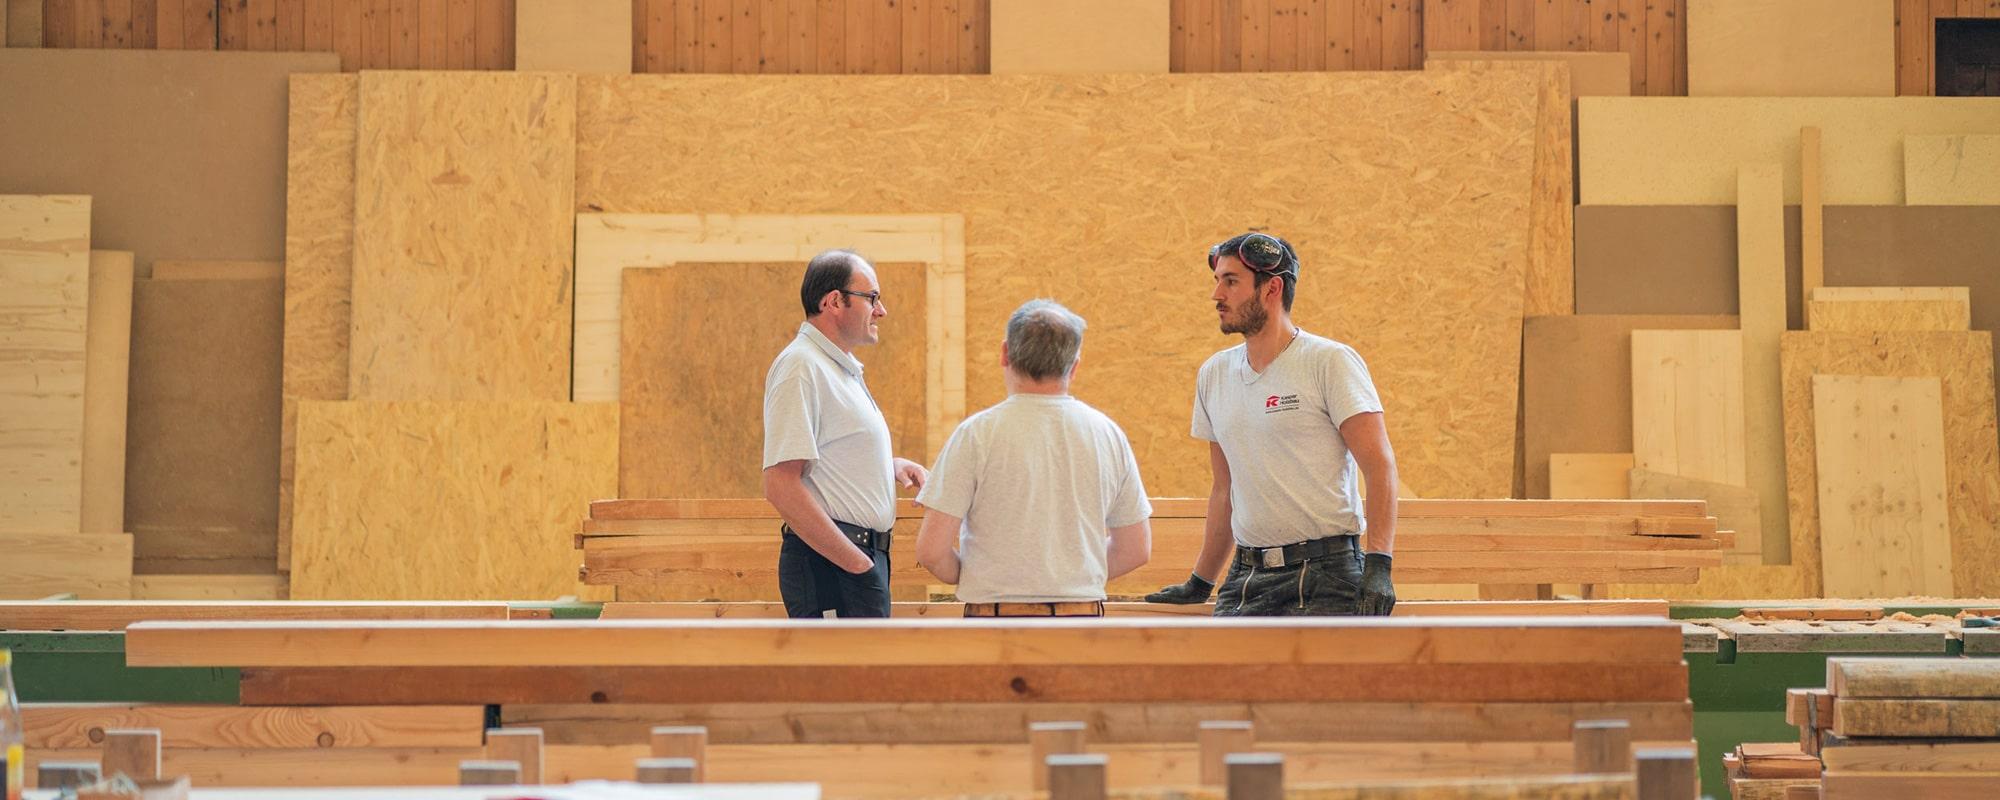 Produktion Holzbauunternehmen